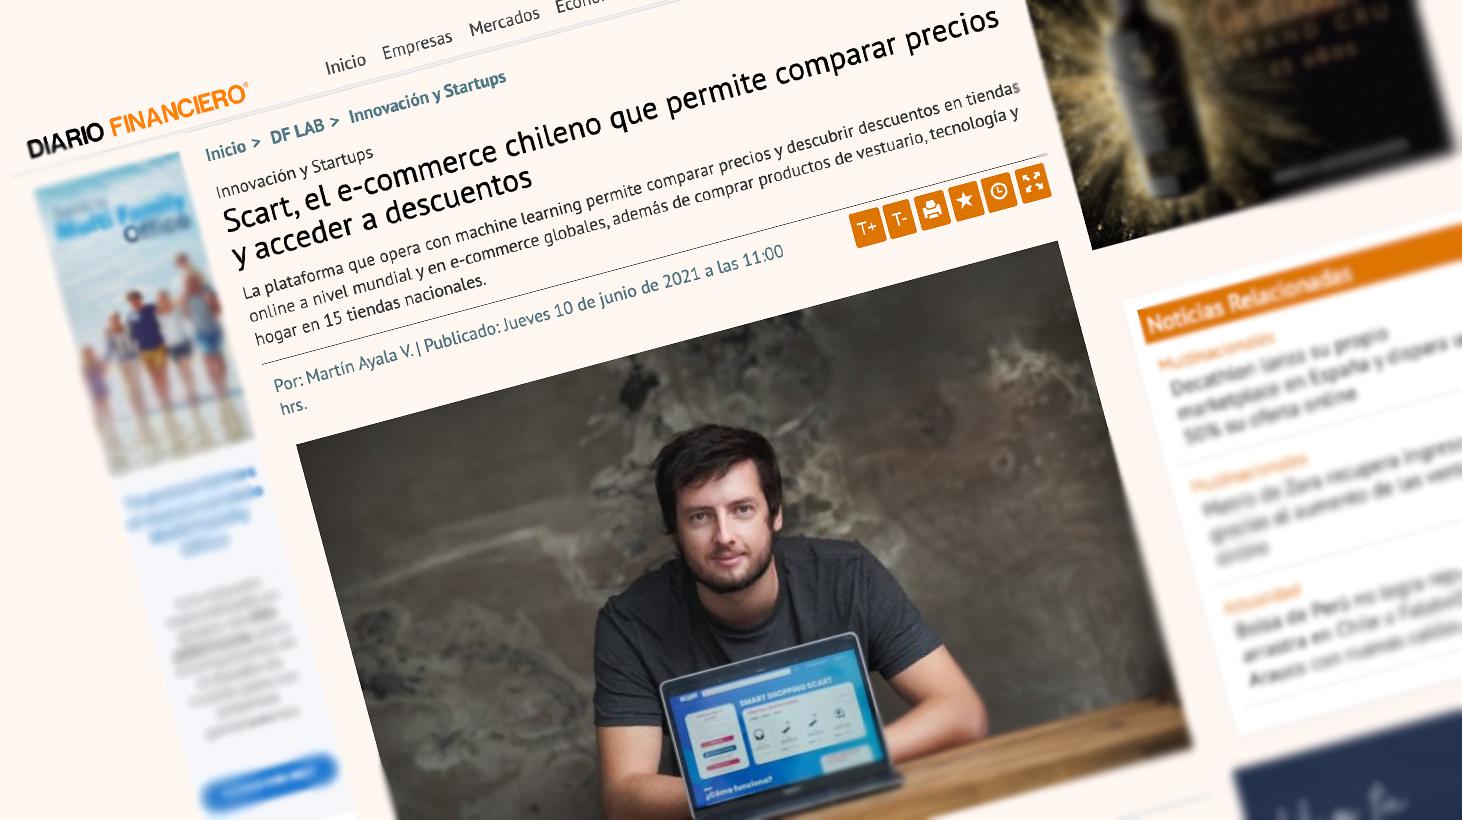 Scart, el e-commerce chileno que permite comparar precios y acceder a descuentos.